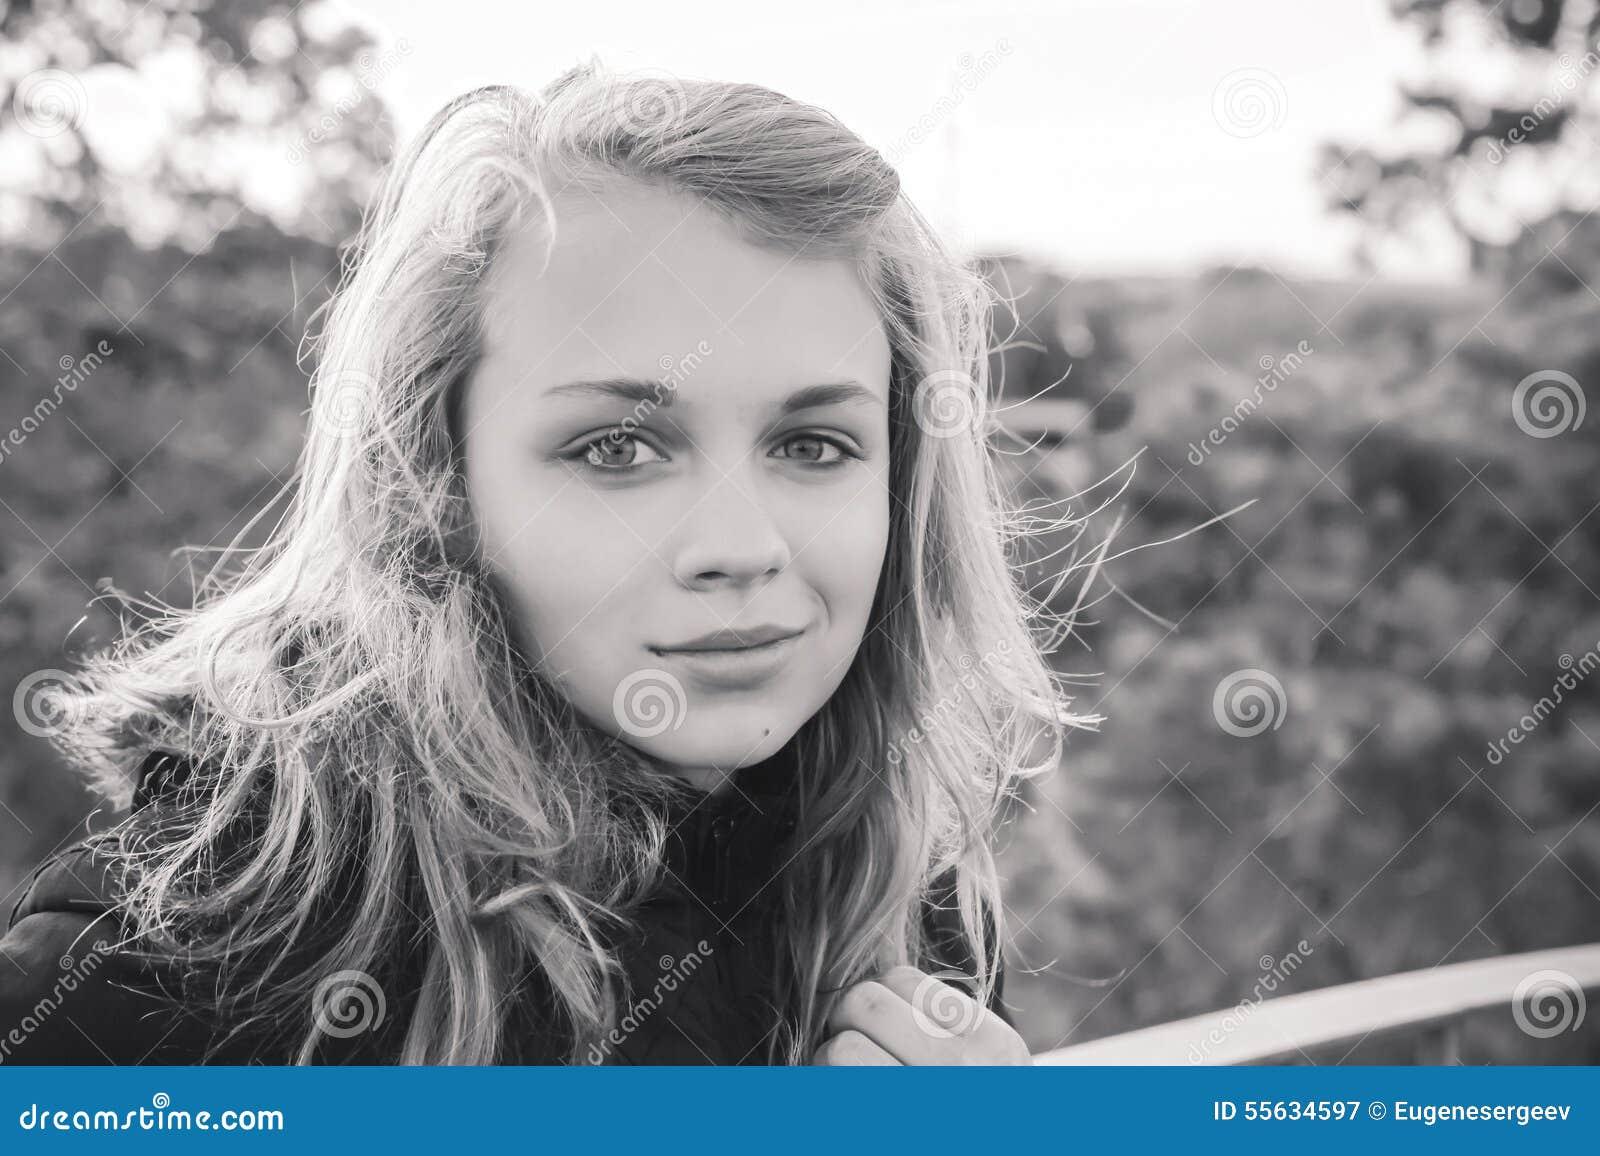 Zwart wit portret van tiener kaukasisch blond meisje stock foto afbeelding 55634597 - Tiener meisje foto ...